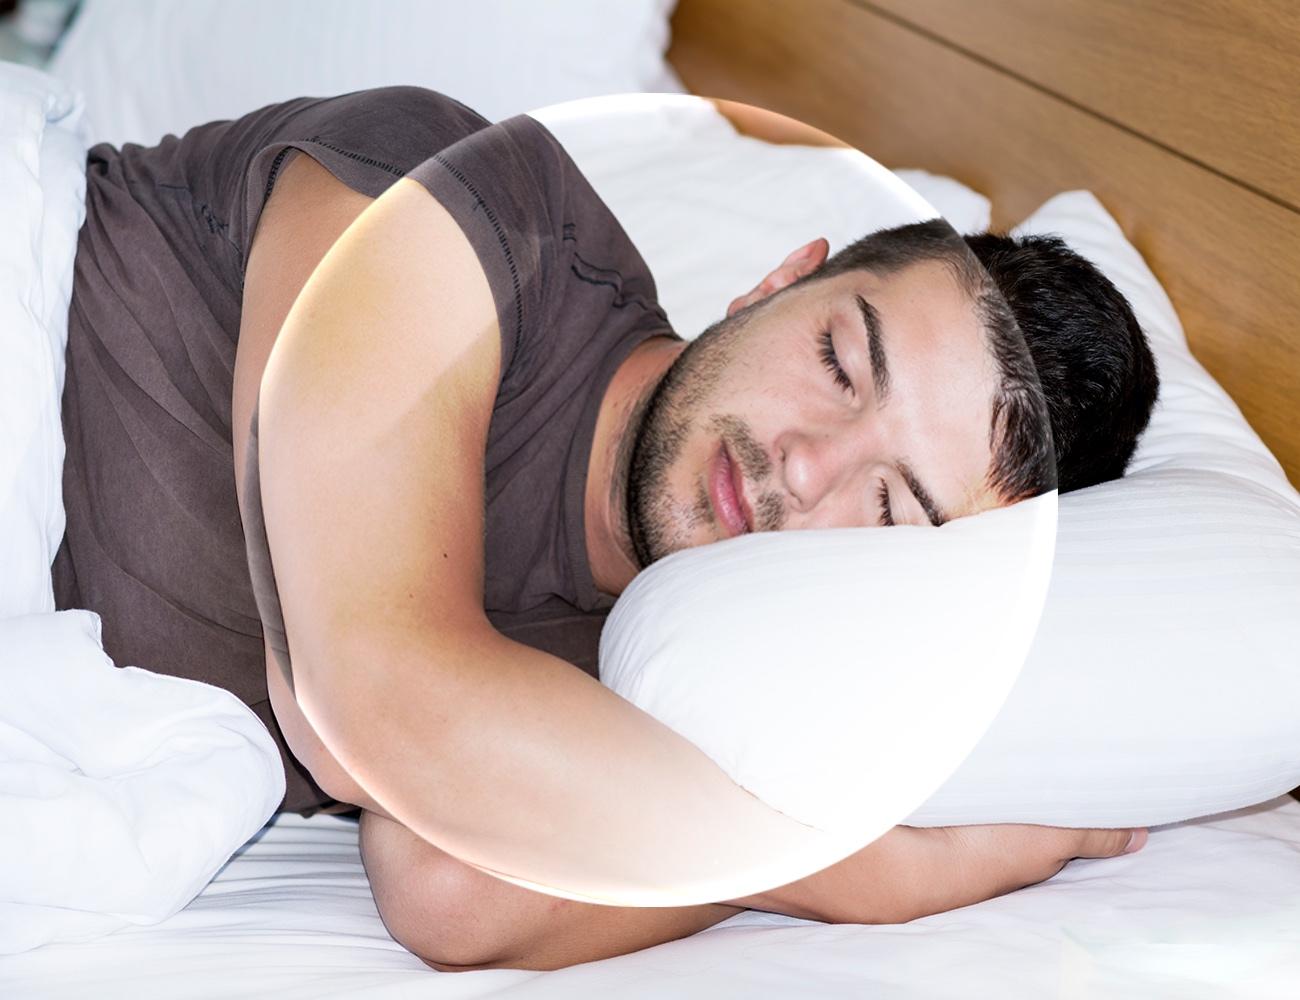 SleepBliss – Deep Sleep Brainwave Tuning Technology